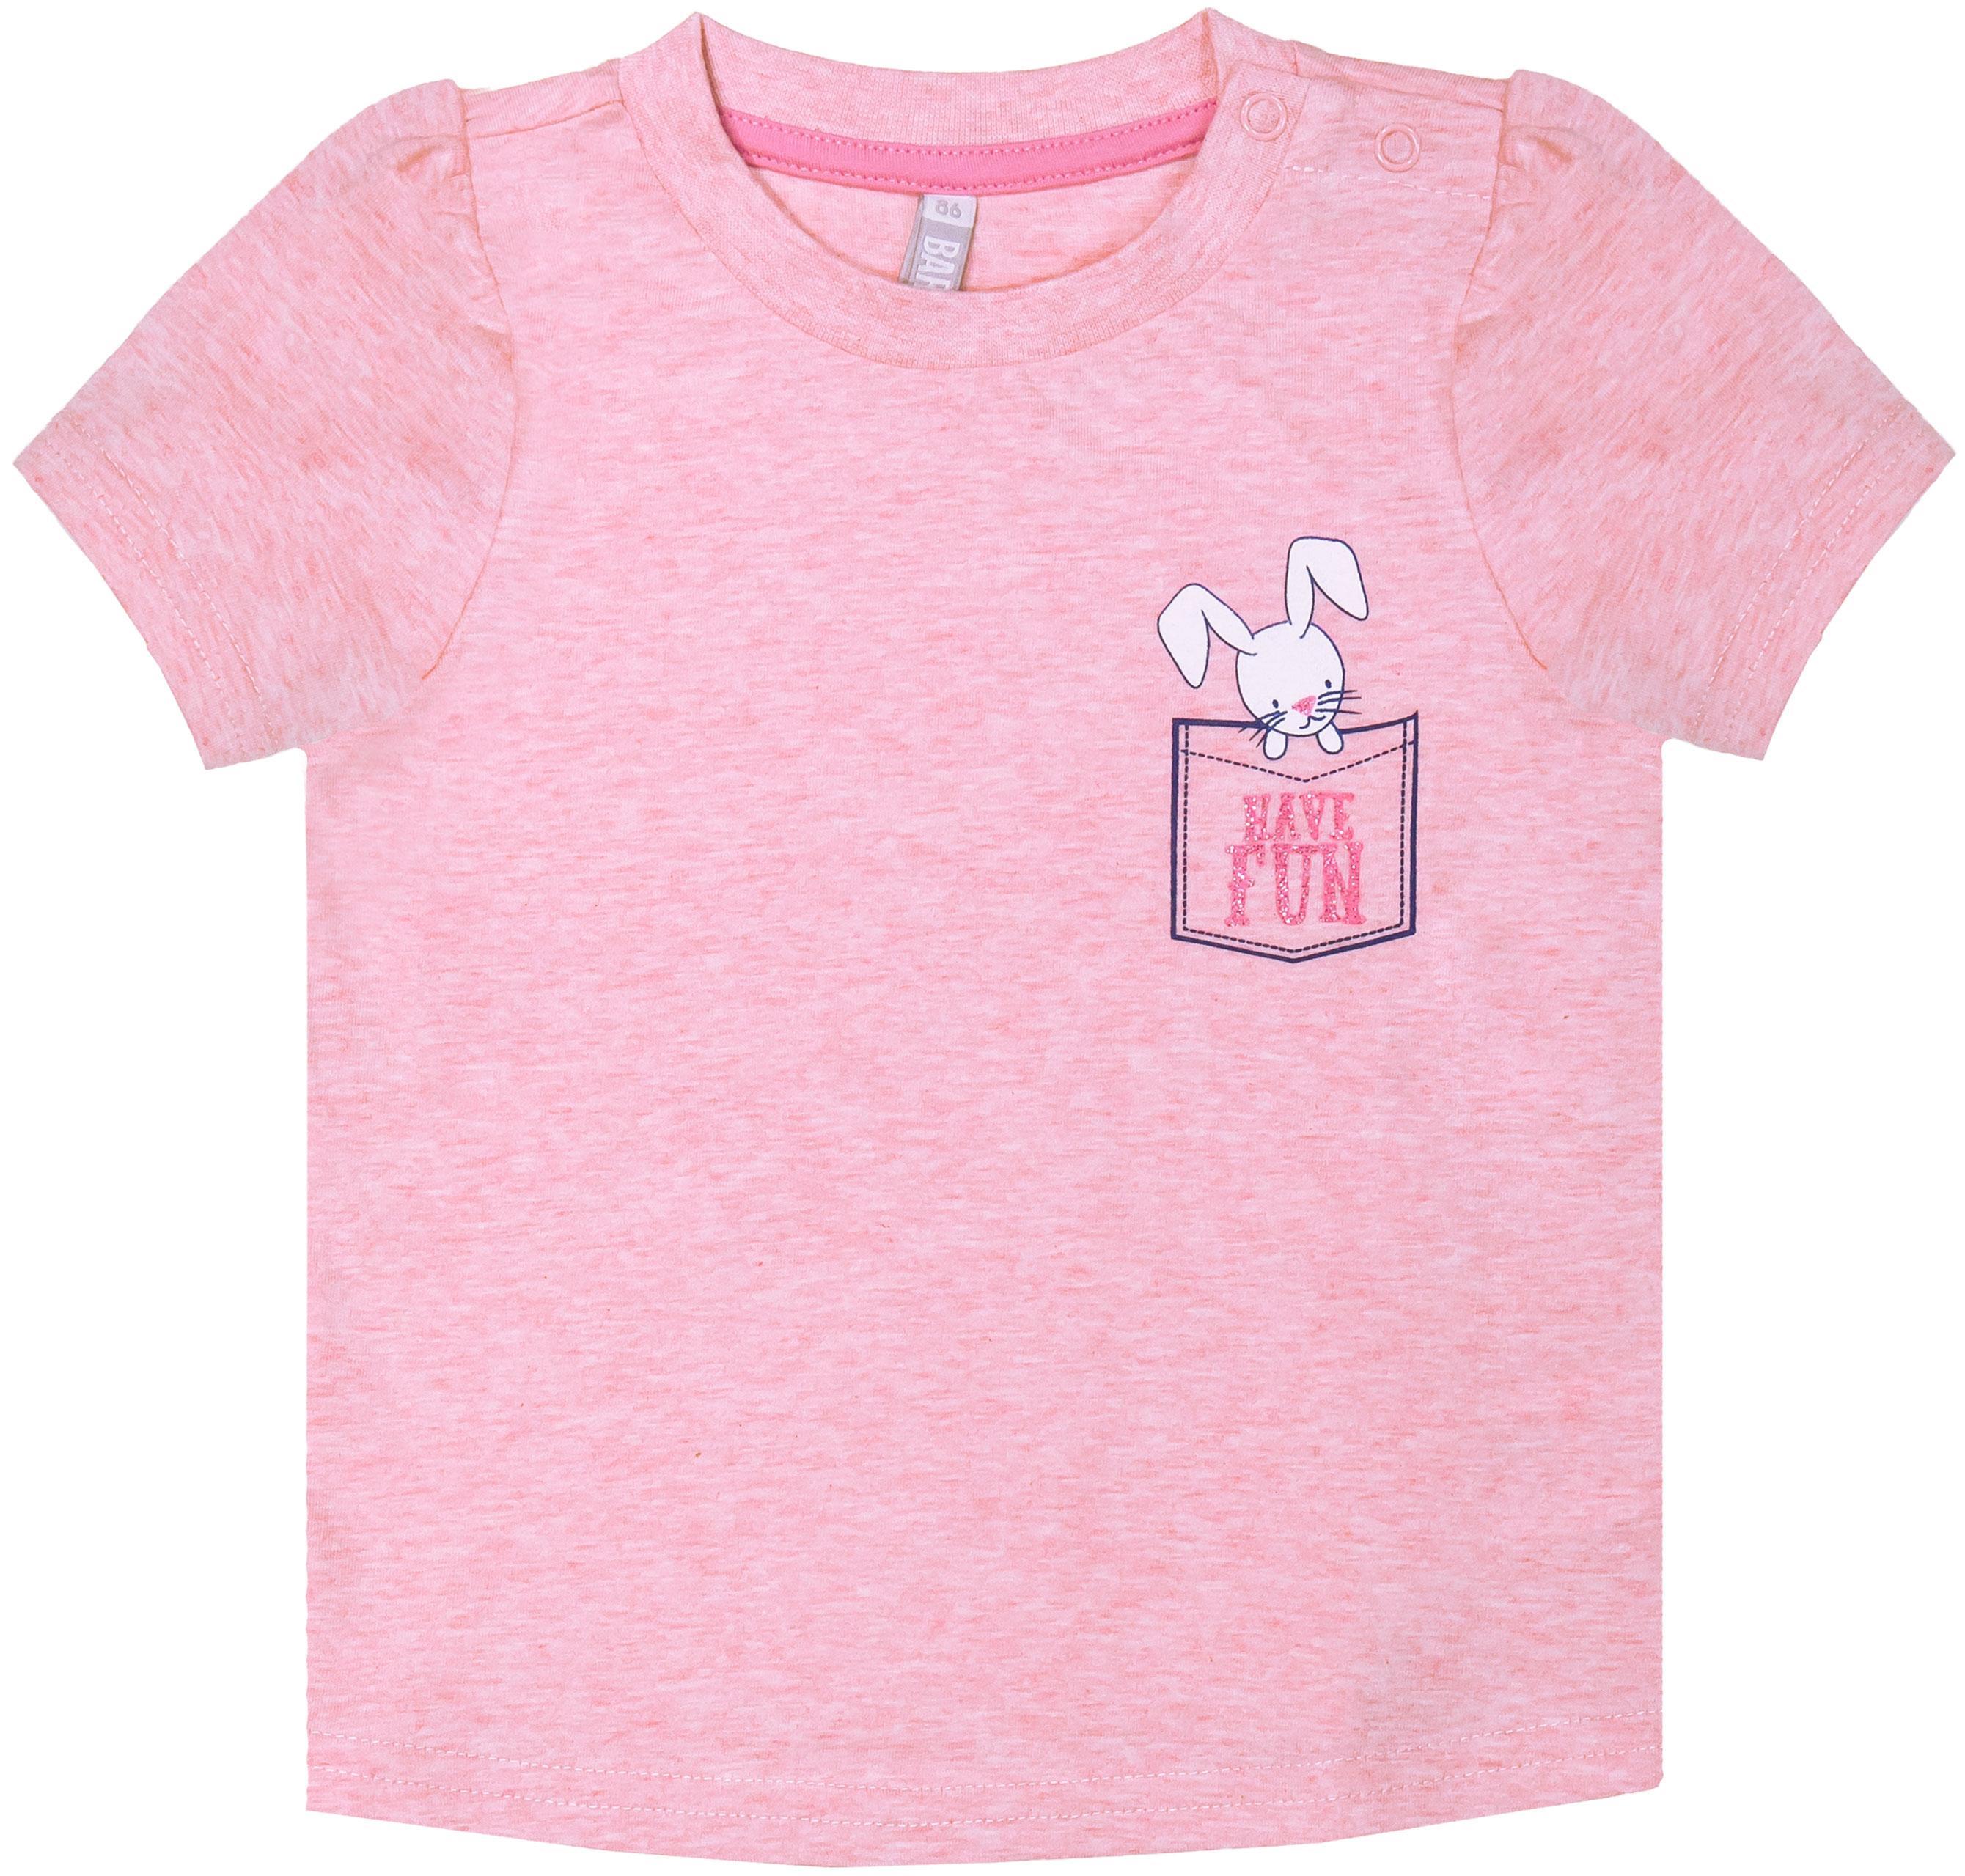 Купить Футболка с коротким рукавом для девочки, Нежность, 1шт., Barkito S18G1002J(2), Россия, pink, Женский